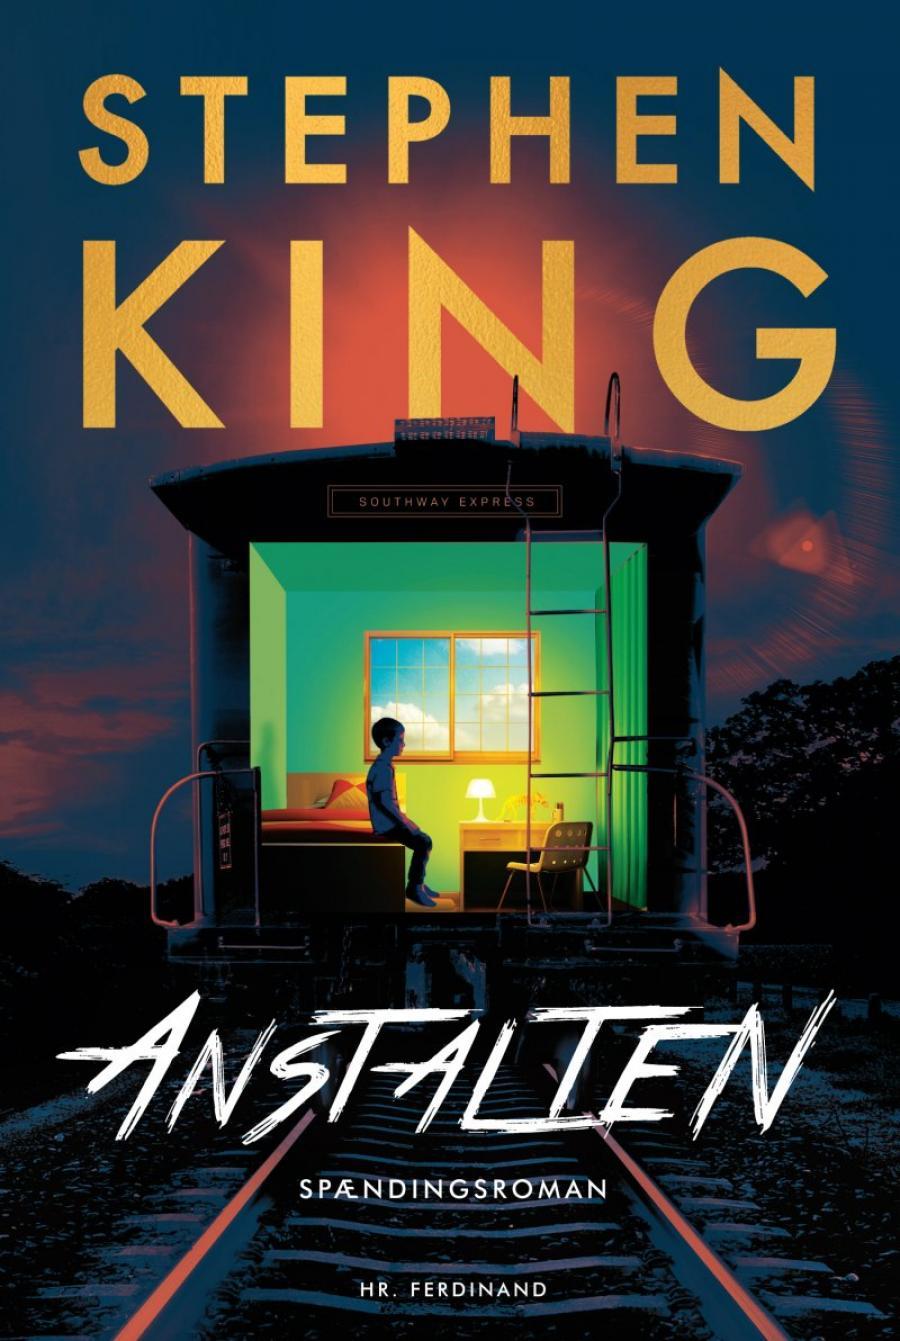 Forsidebillede af bogen Anstalten af Stephen King